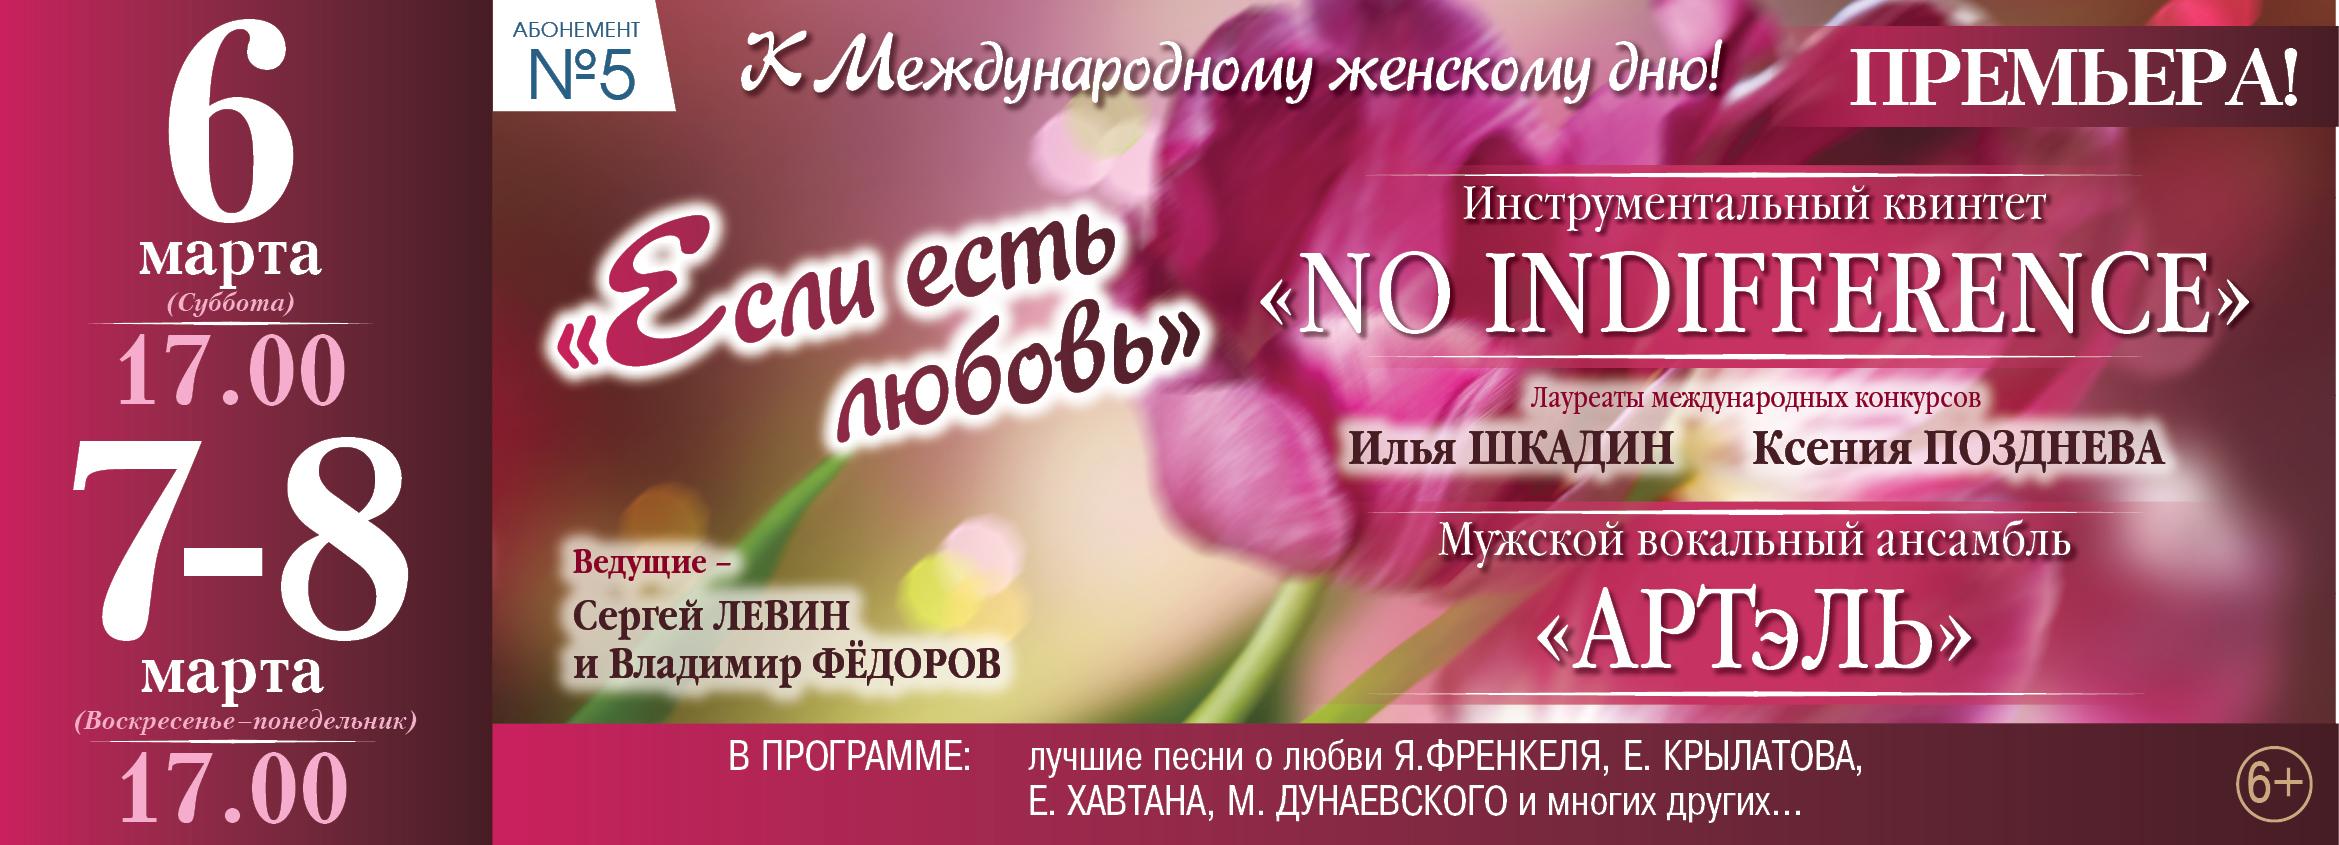 В Тверской филармонии прозвучат песни о любви